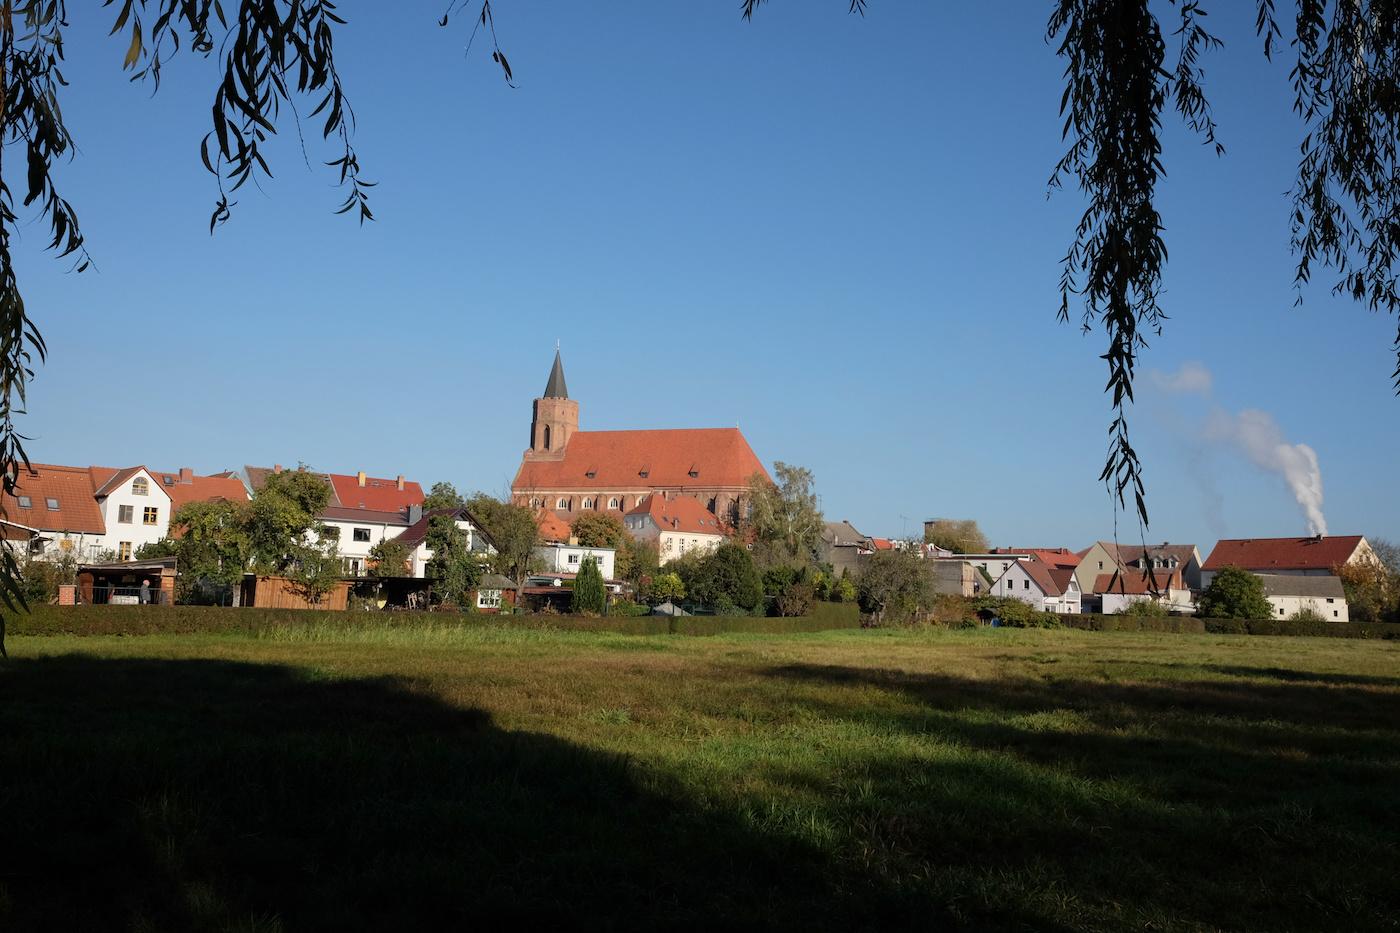 Beeskow__Sauen_wecyclebrandenburg10.JPG